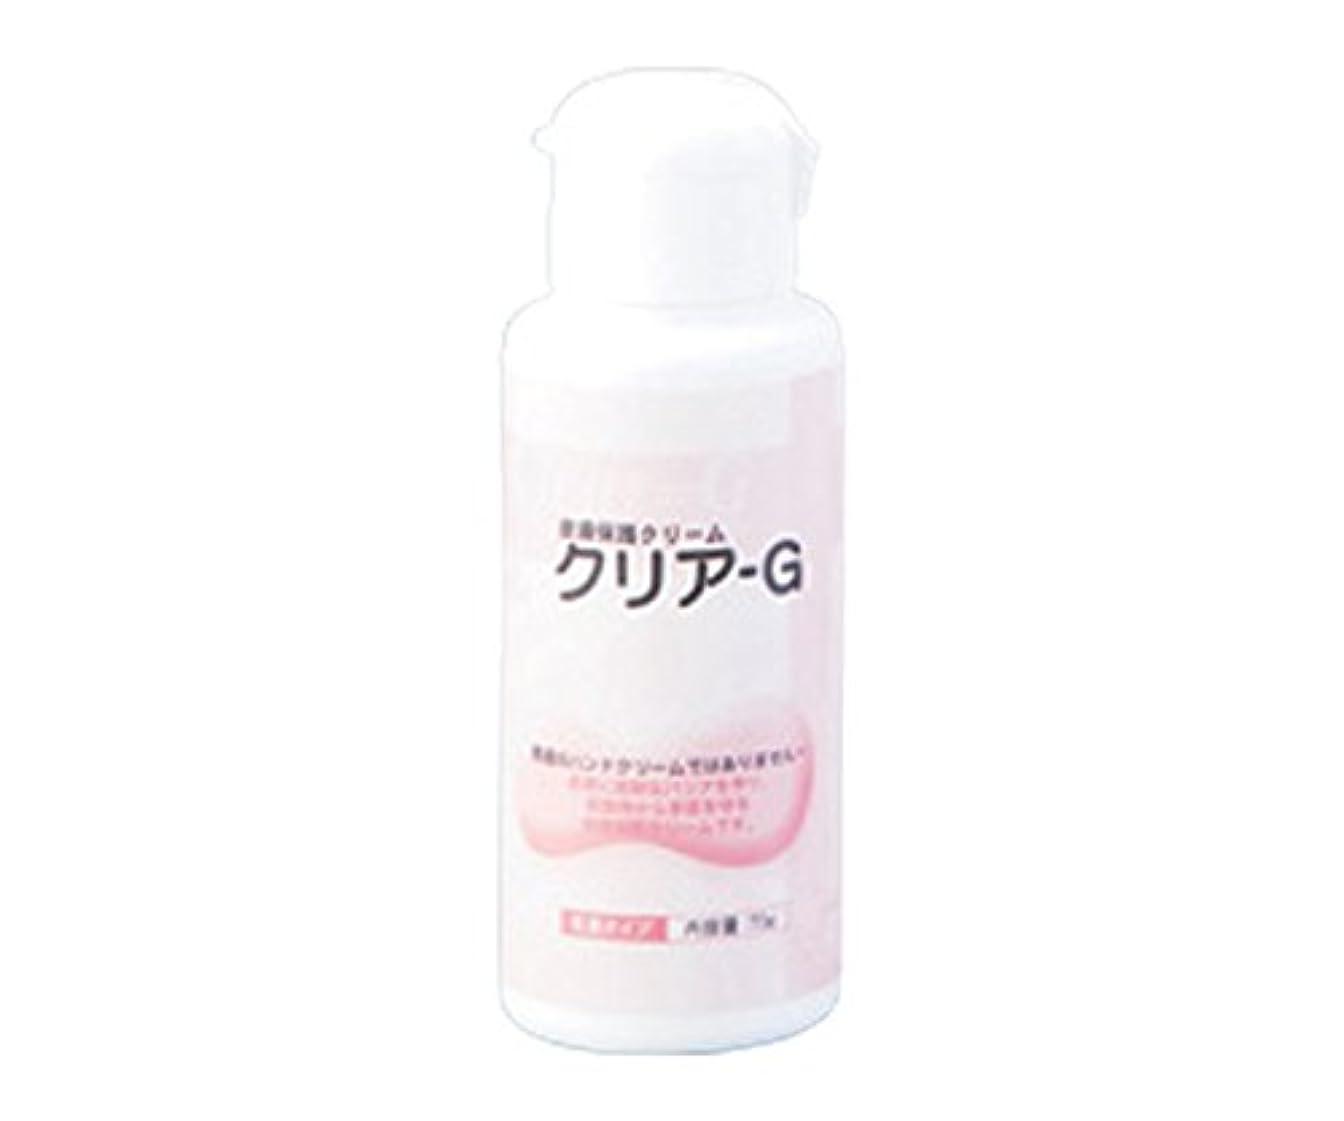 簡単にあなたが良くなります三番皮膚保護クリーム(クリア-G) 70g